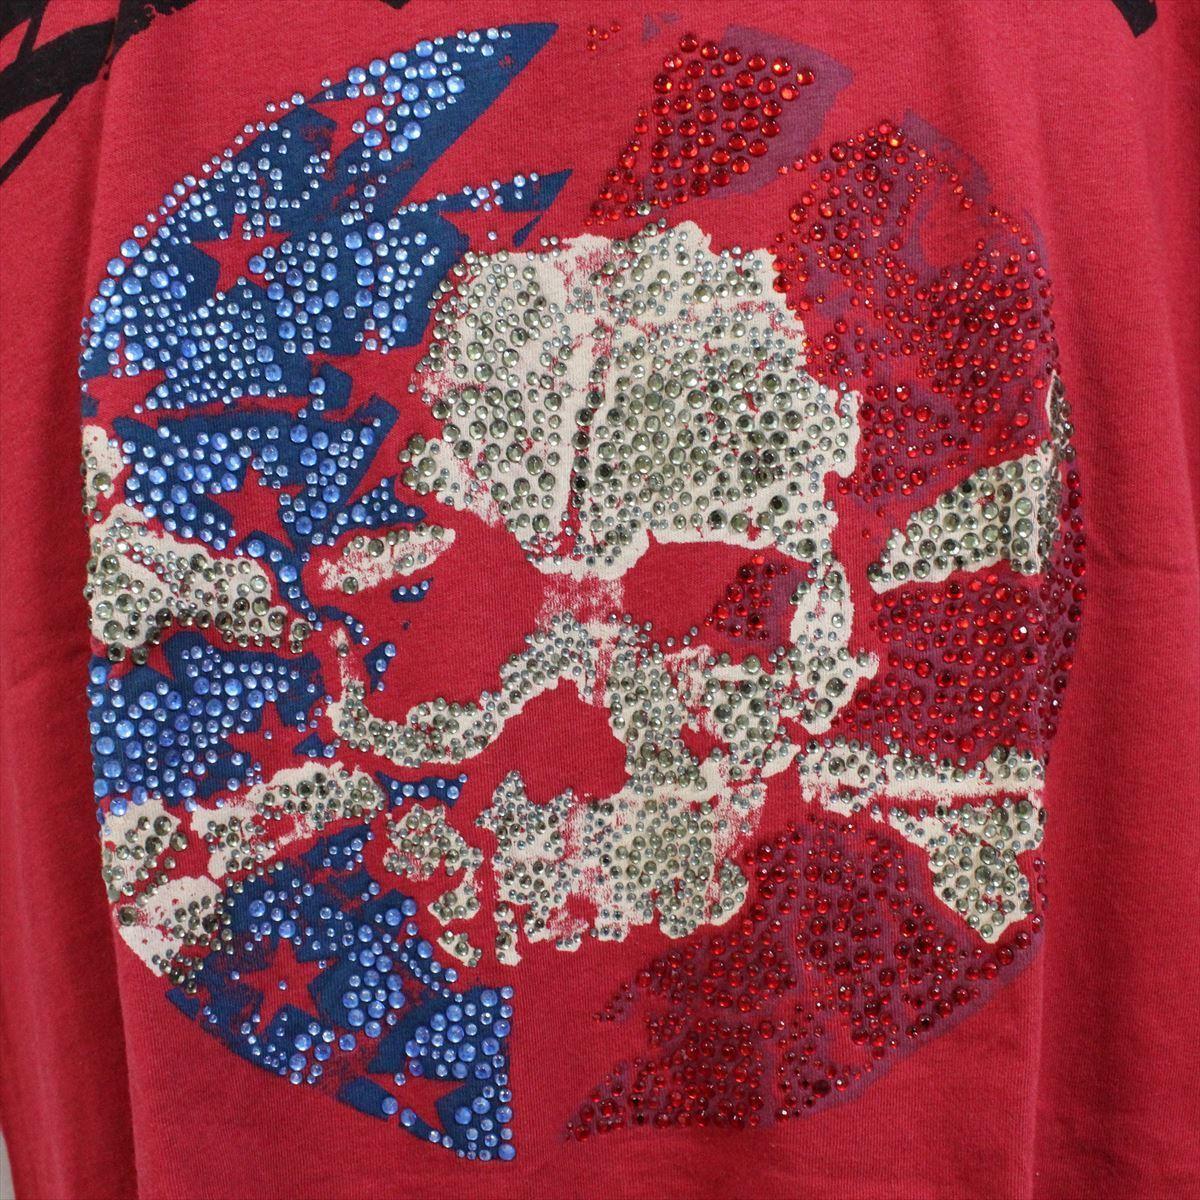 スメット SMET メンズ半袖Tシャツ レッド Sサイズ NO10 新品 赤 スカル_画像2